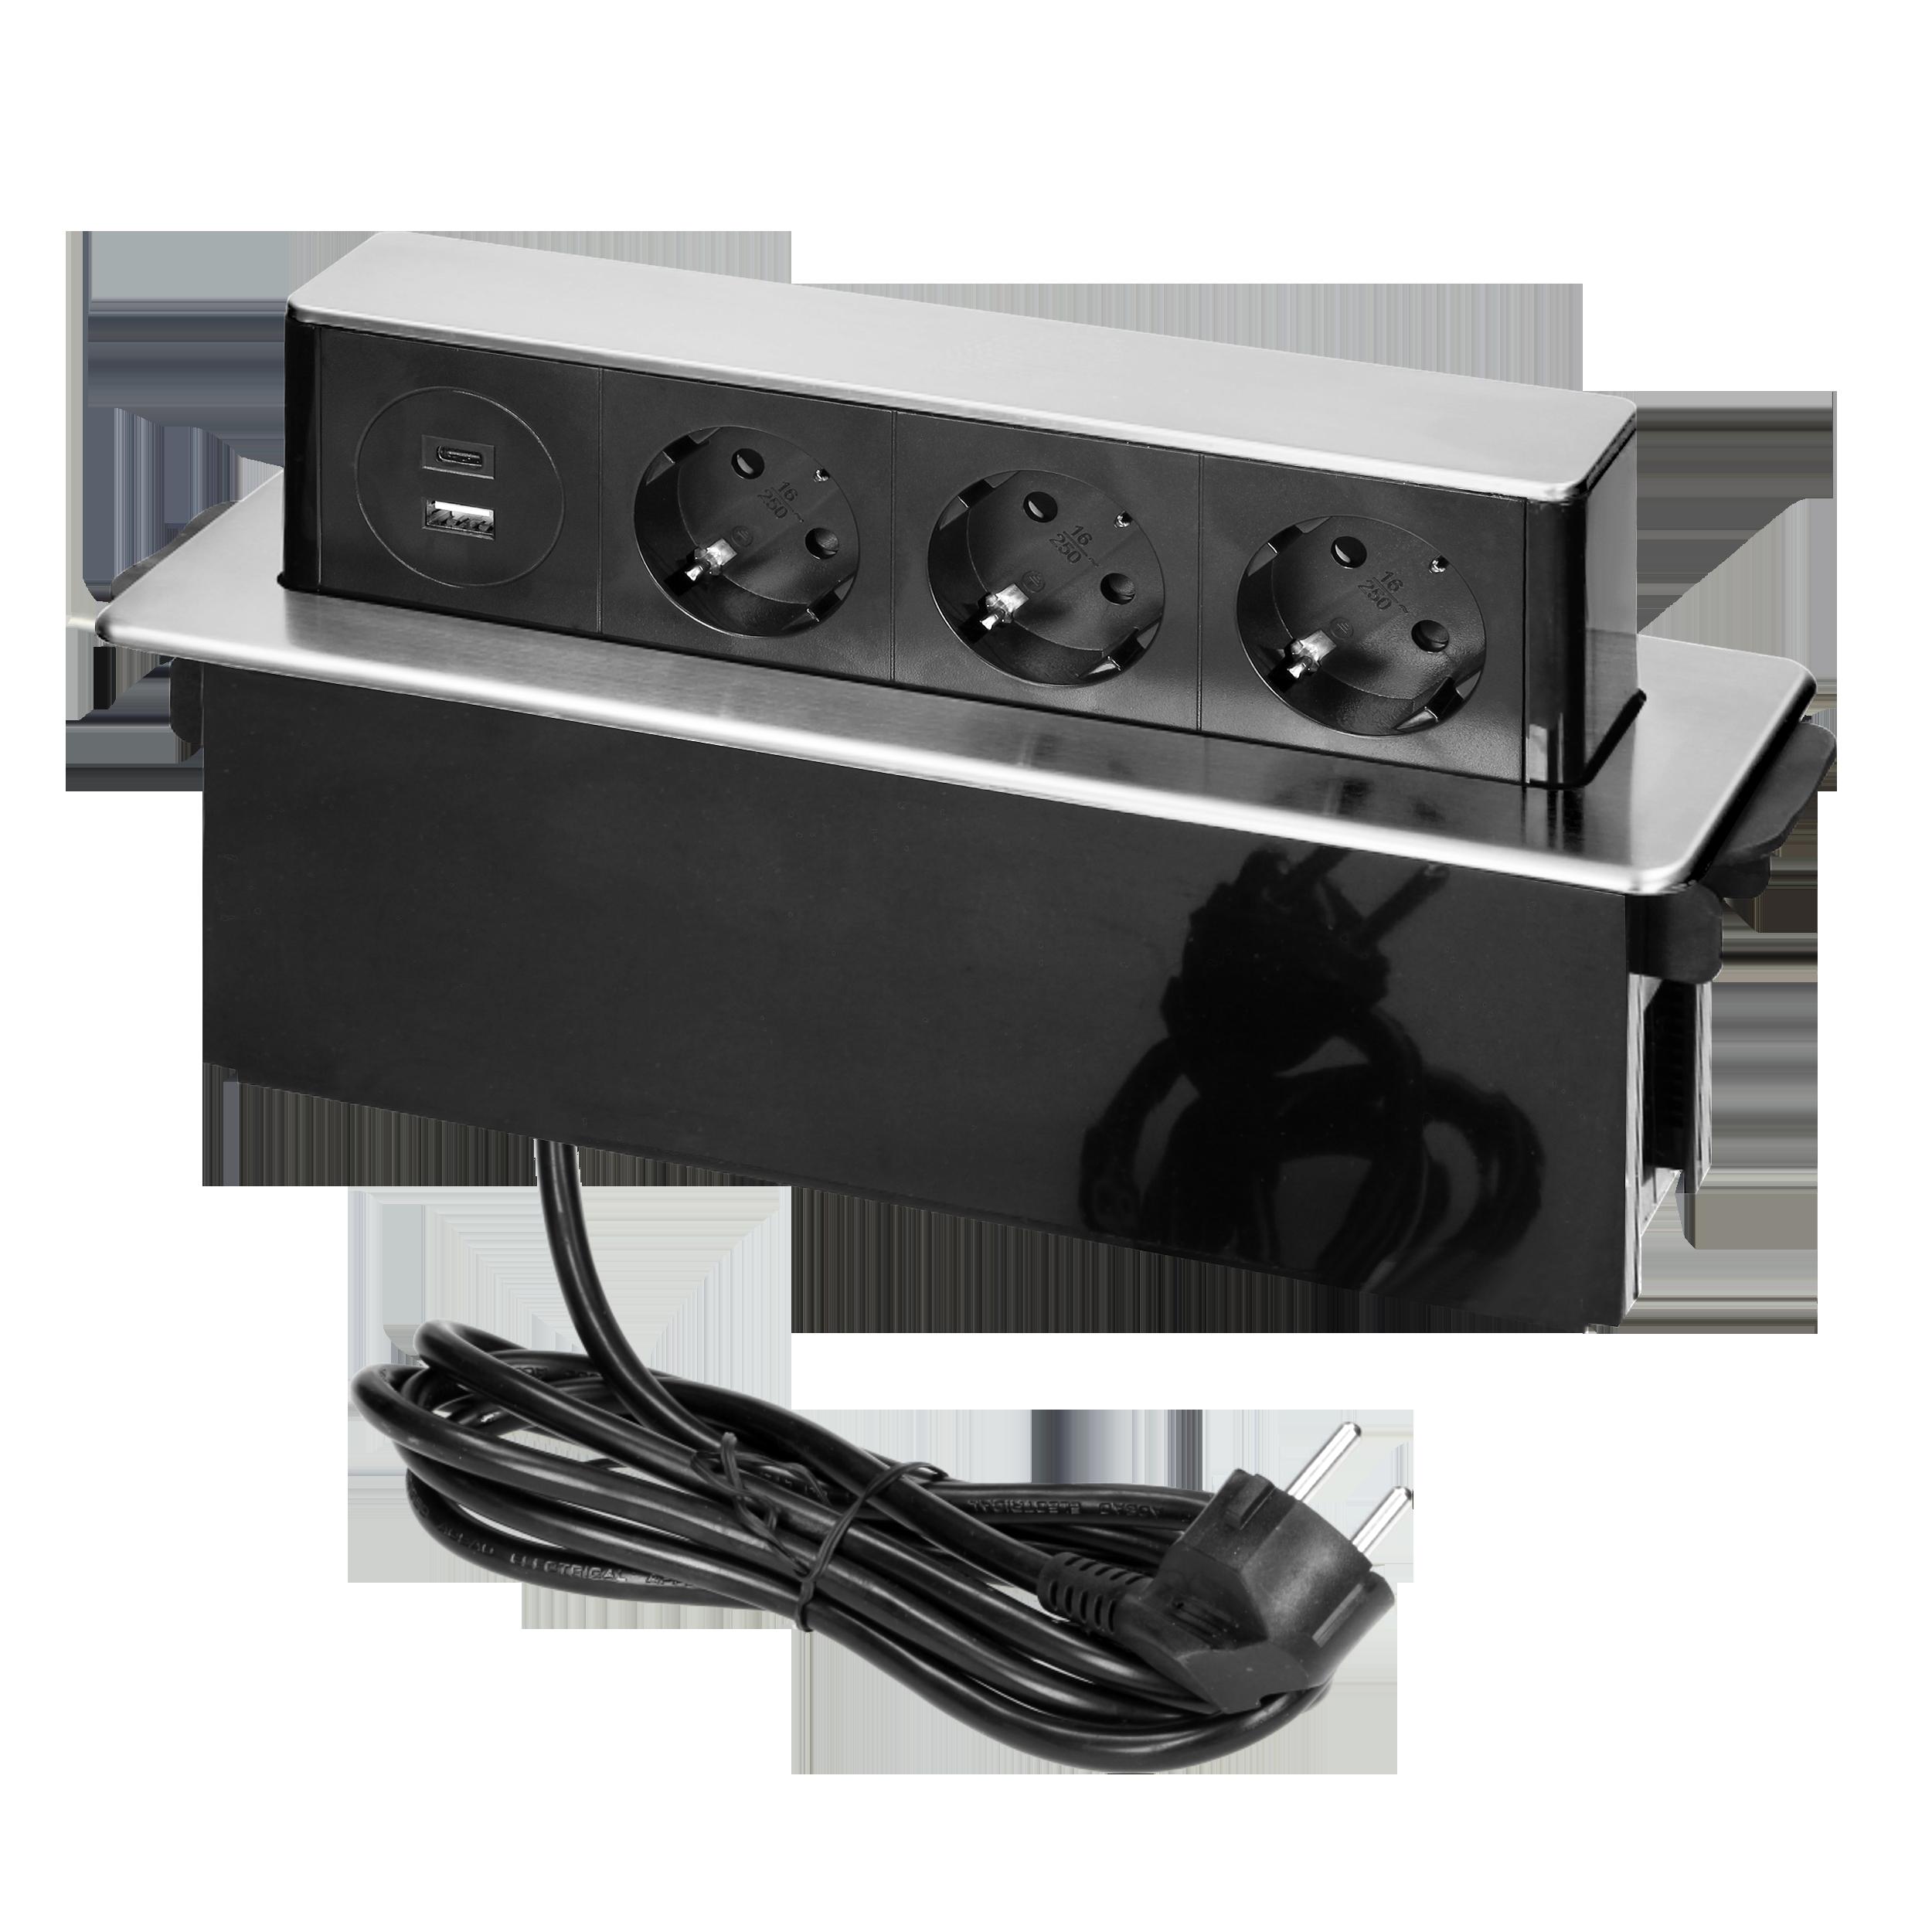 Gniazdo meblowe wysuwane z blatu z płaskim frezowanym rantem, ładowarką USB i przewodem 2m, 3 gniazda typ F, 2 x USB (Typ A + C 3,0A), 3x1,5mm2, czarno-srebrne, INOX, wersja Schuko